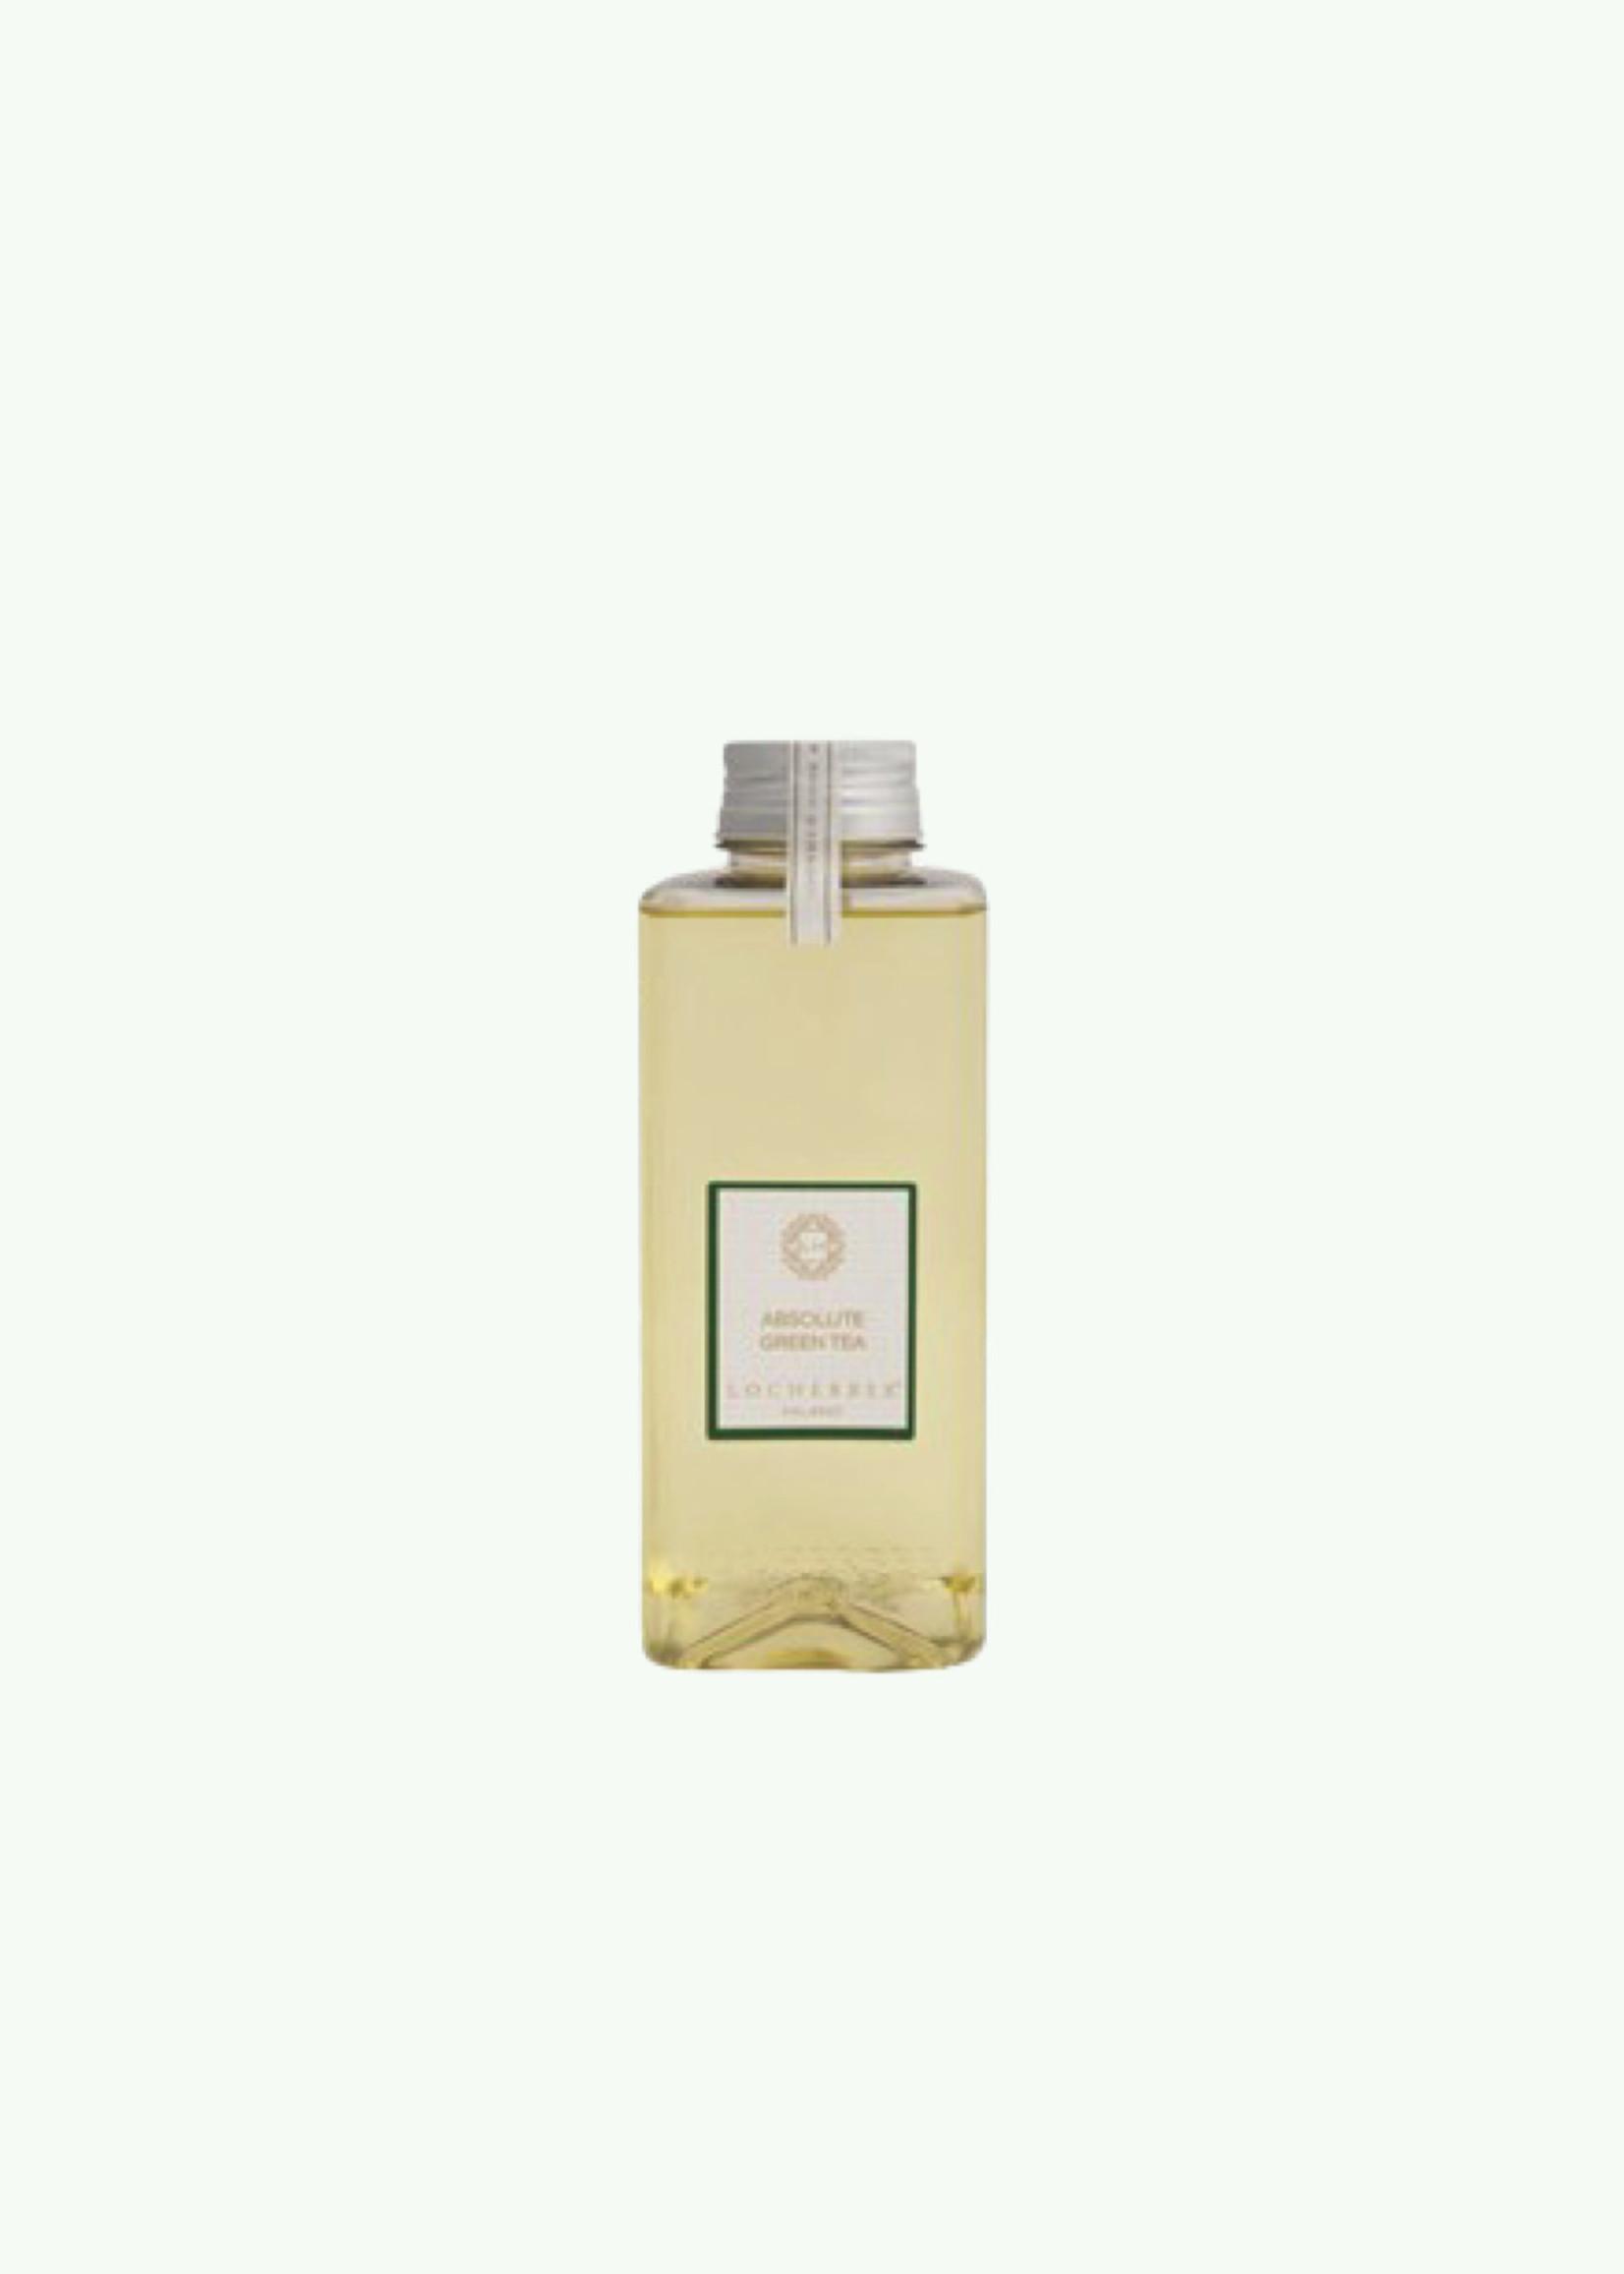 Locherber Locherber - Absolute Green Tea - Navulfles 250 ml